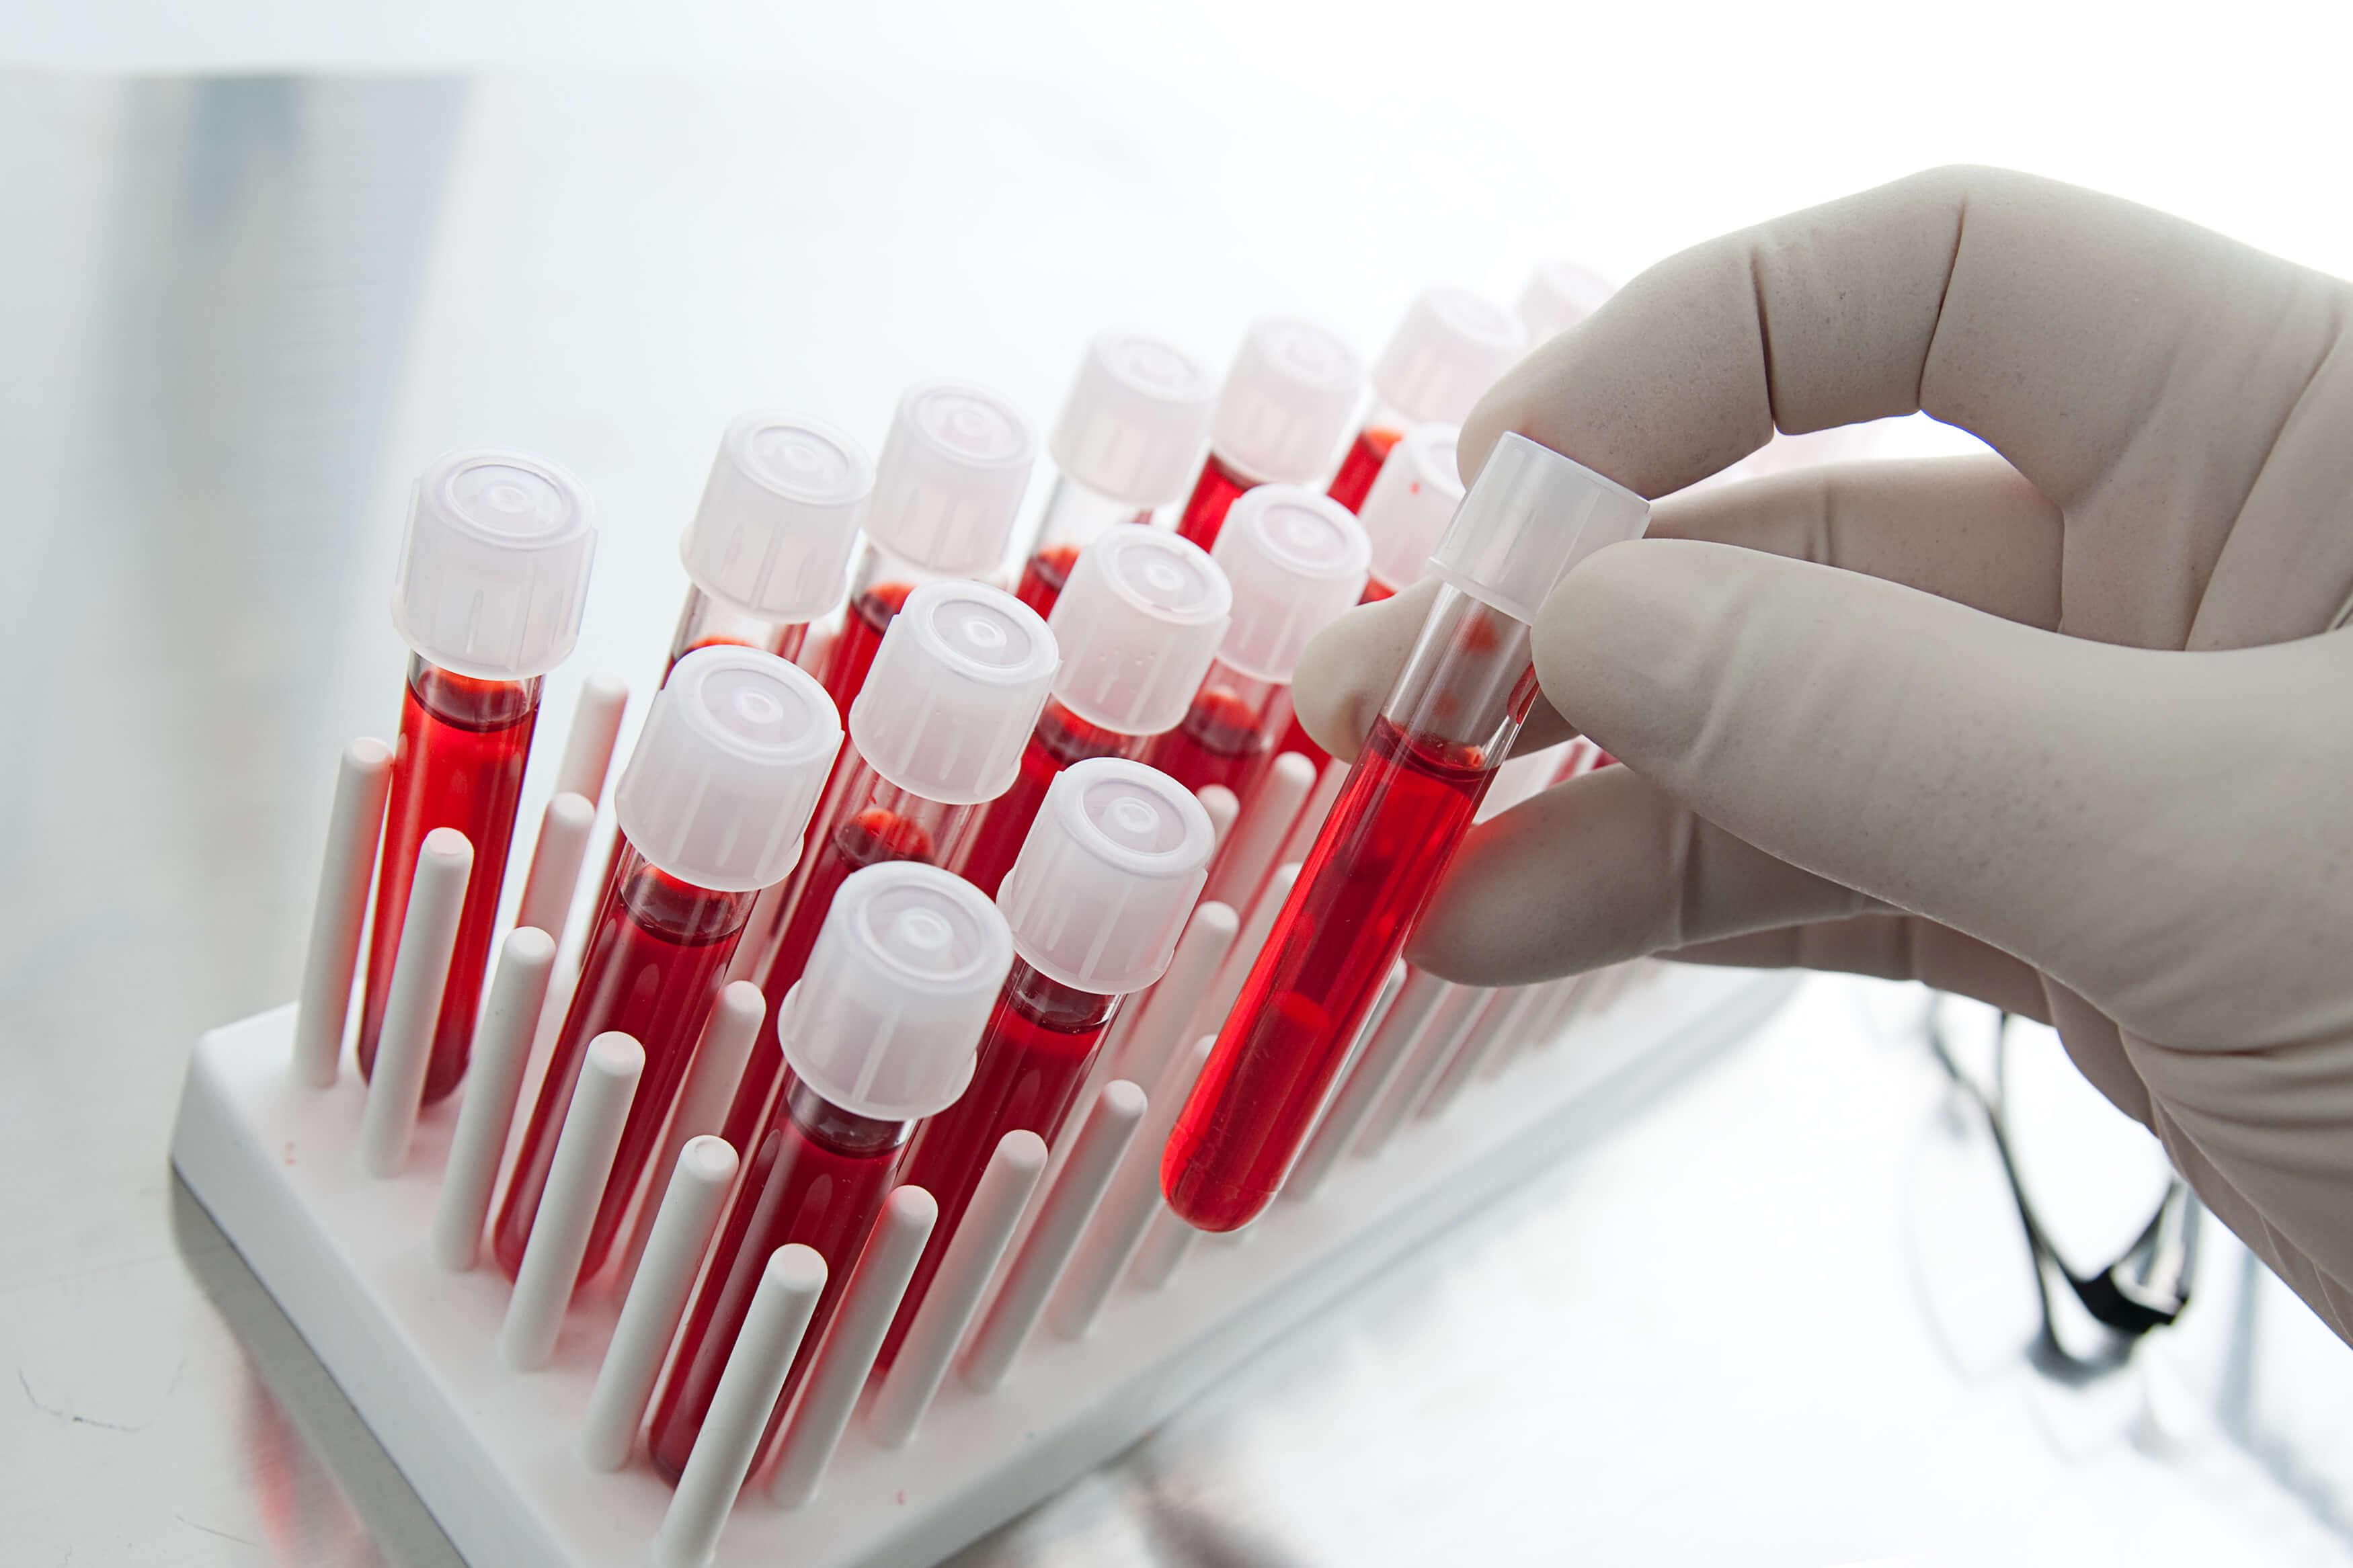 определение рака простаты по анализу крови